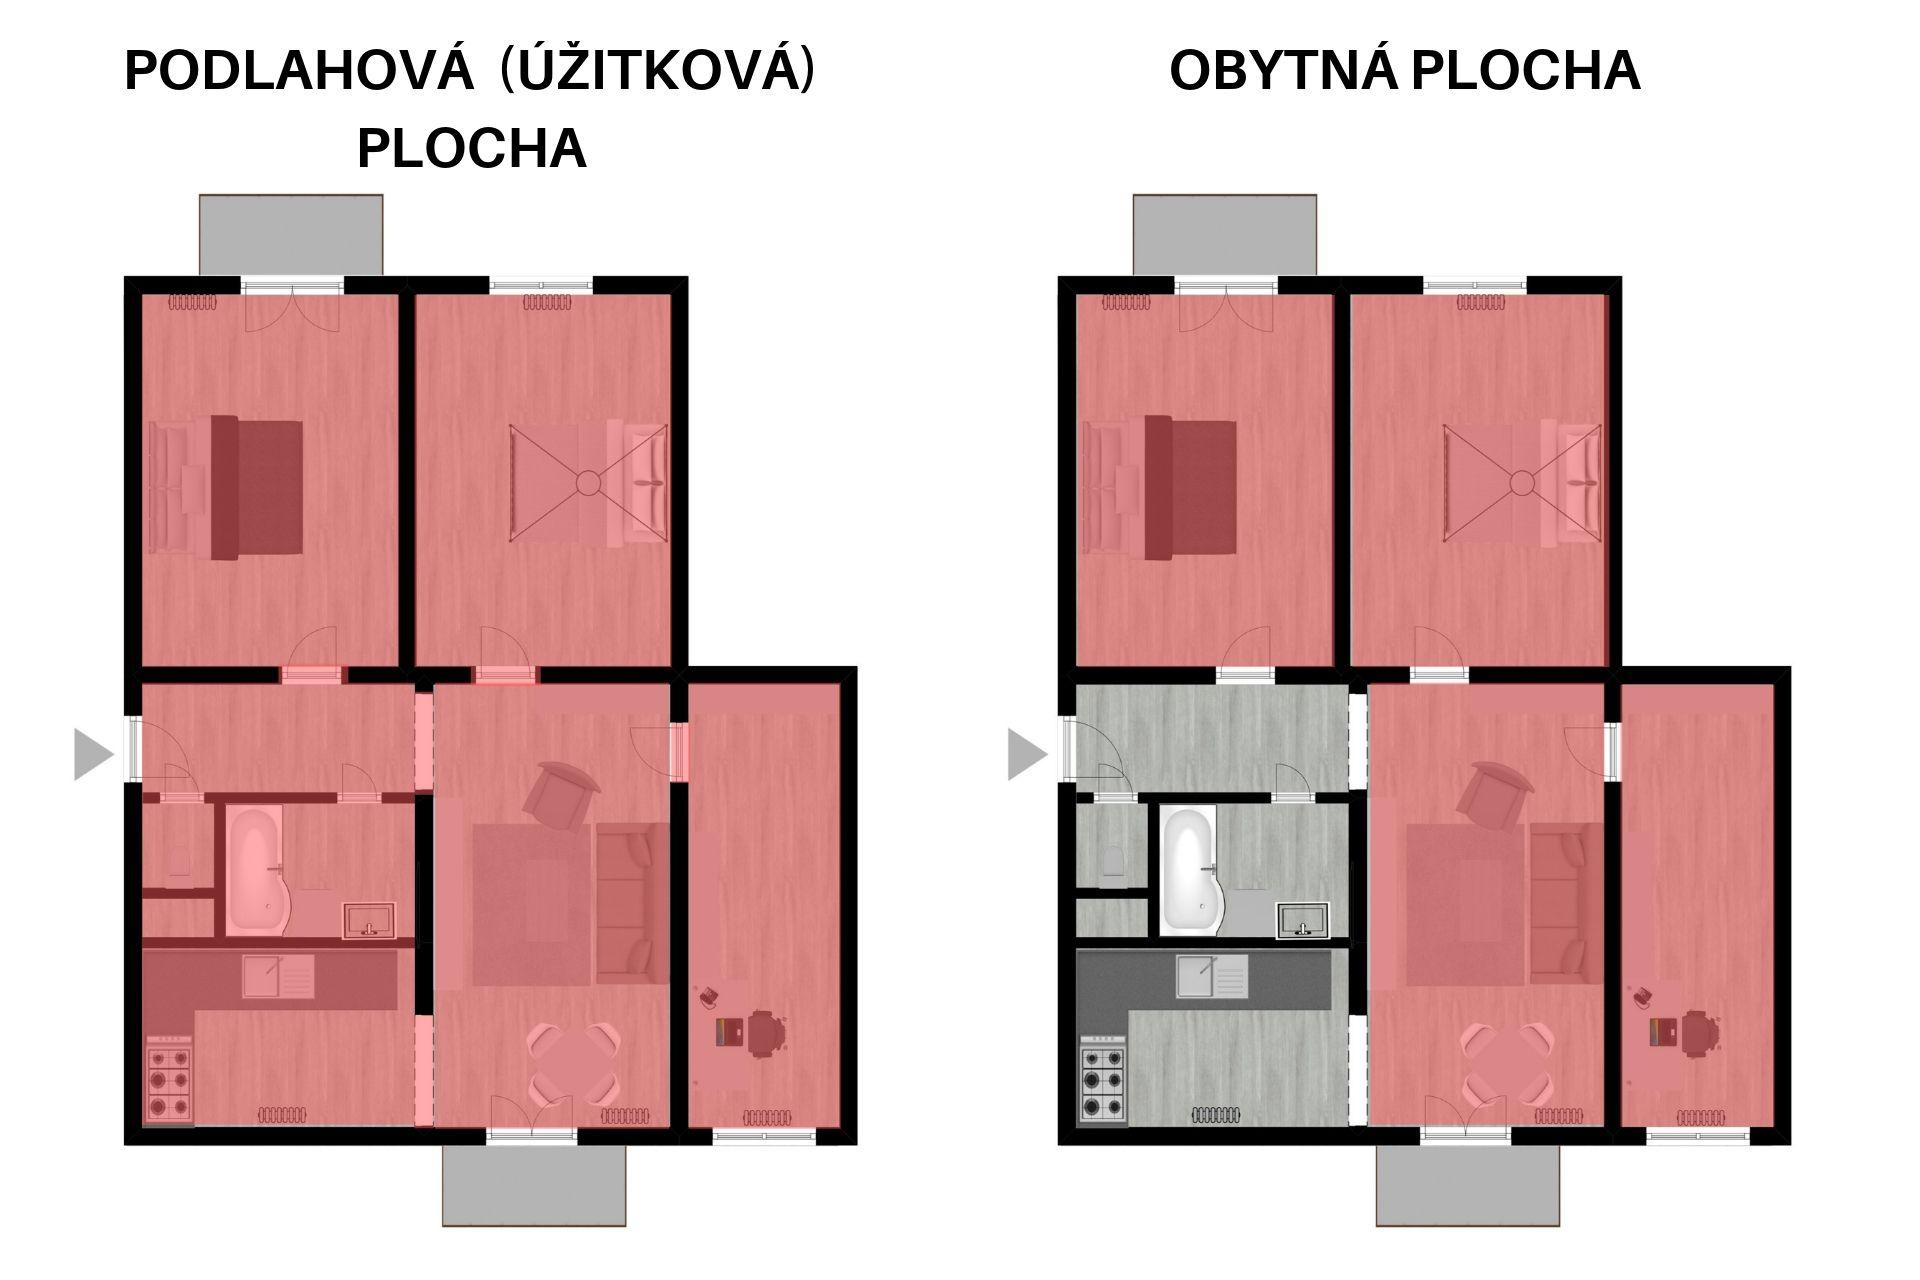 rozdiel úžitková podlahocá obytná plocha